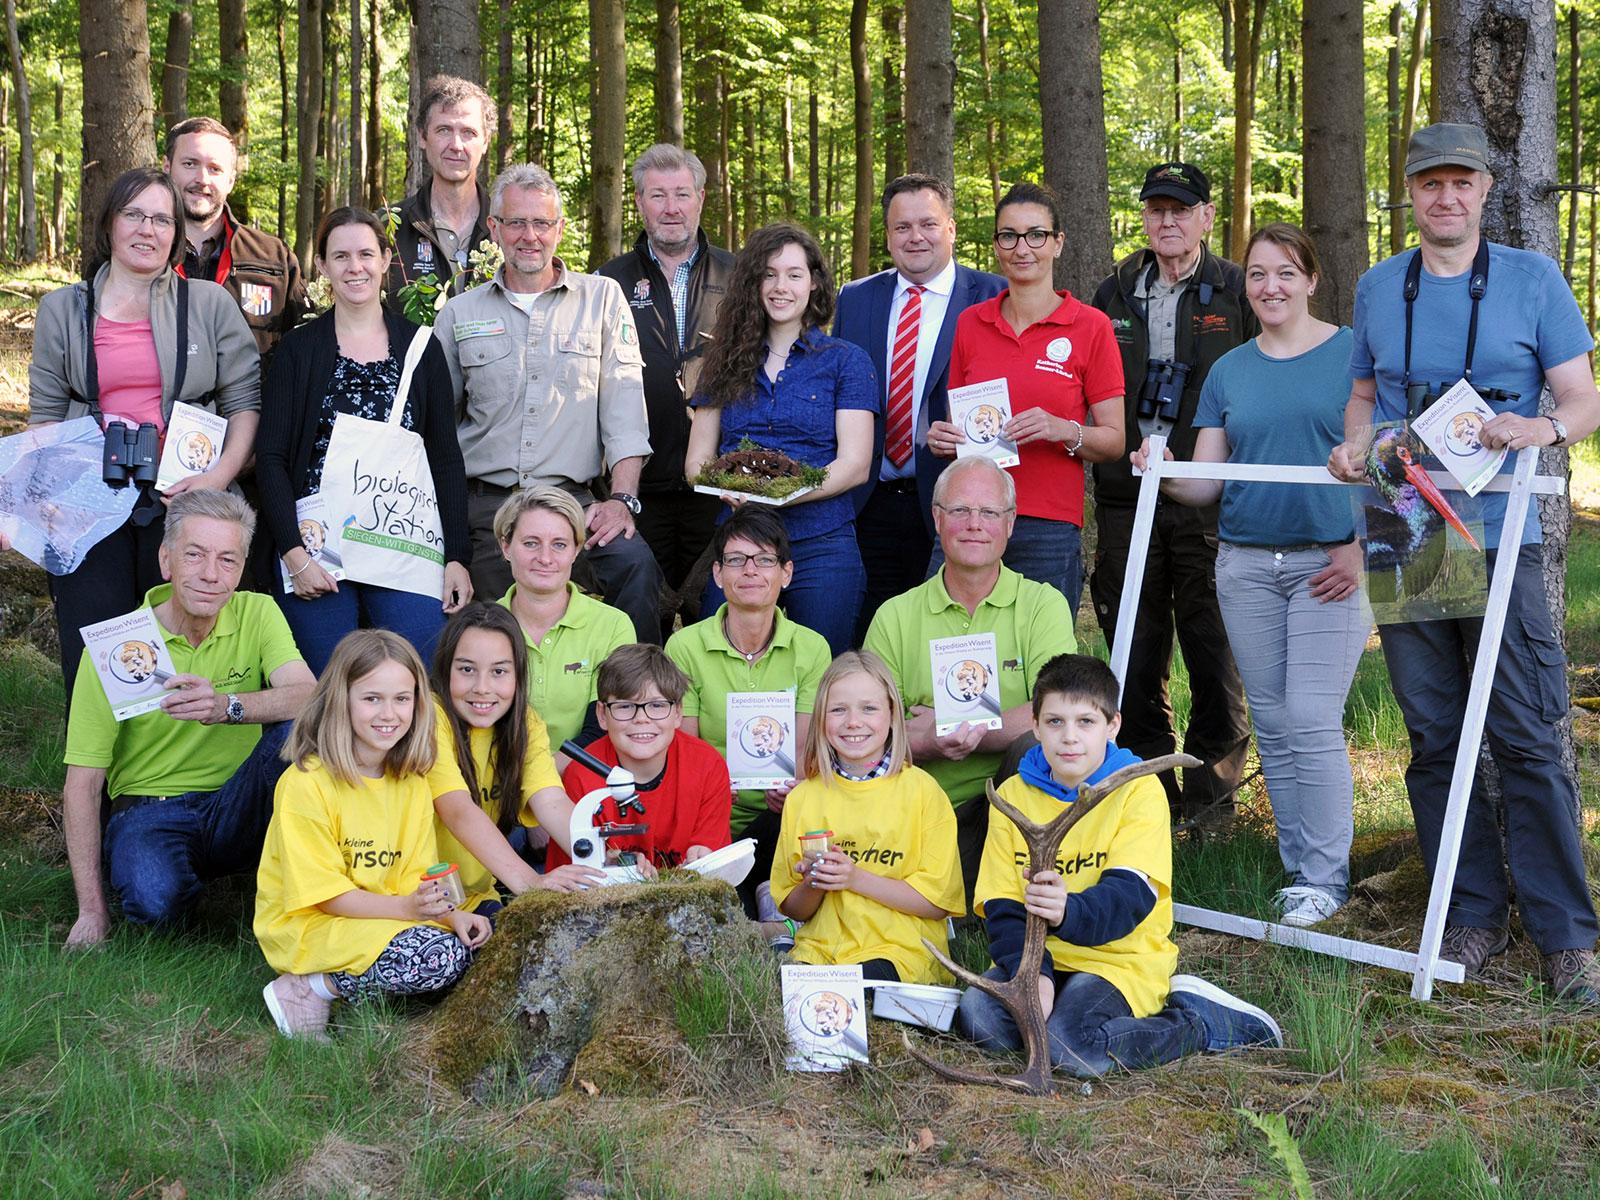 """Mitwirkende der """"Expedition Wisent"""", eine ehrenamtliche Gemeinschaftsaktion, in der Wisent-Wildnis"""